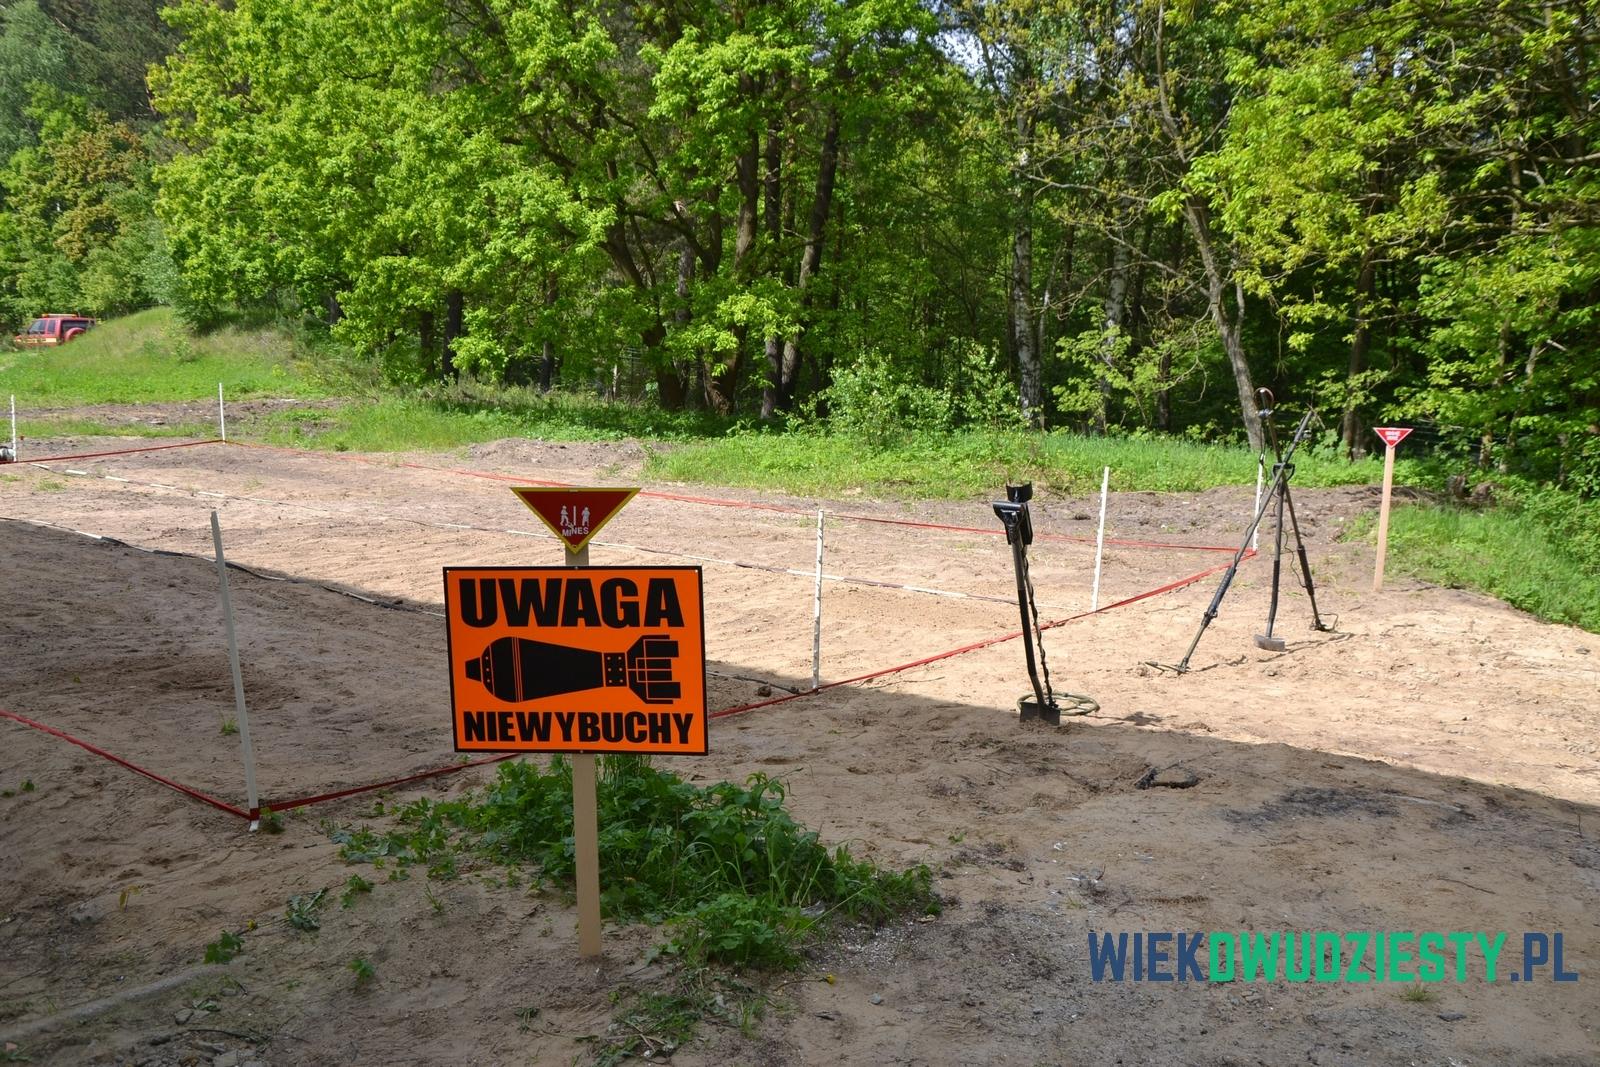 Pole, na którym można wyszukiwać ćwiczebne miny za pomocą sprzętu stosowanego przez saperów. Muzeum Saperskie Explosive, fot. Michał Szafran, odwaszegofotokorespondenta.blogspot.com